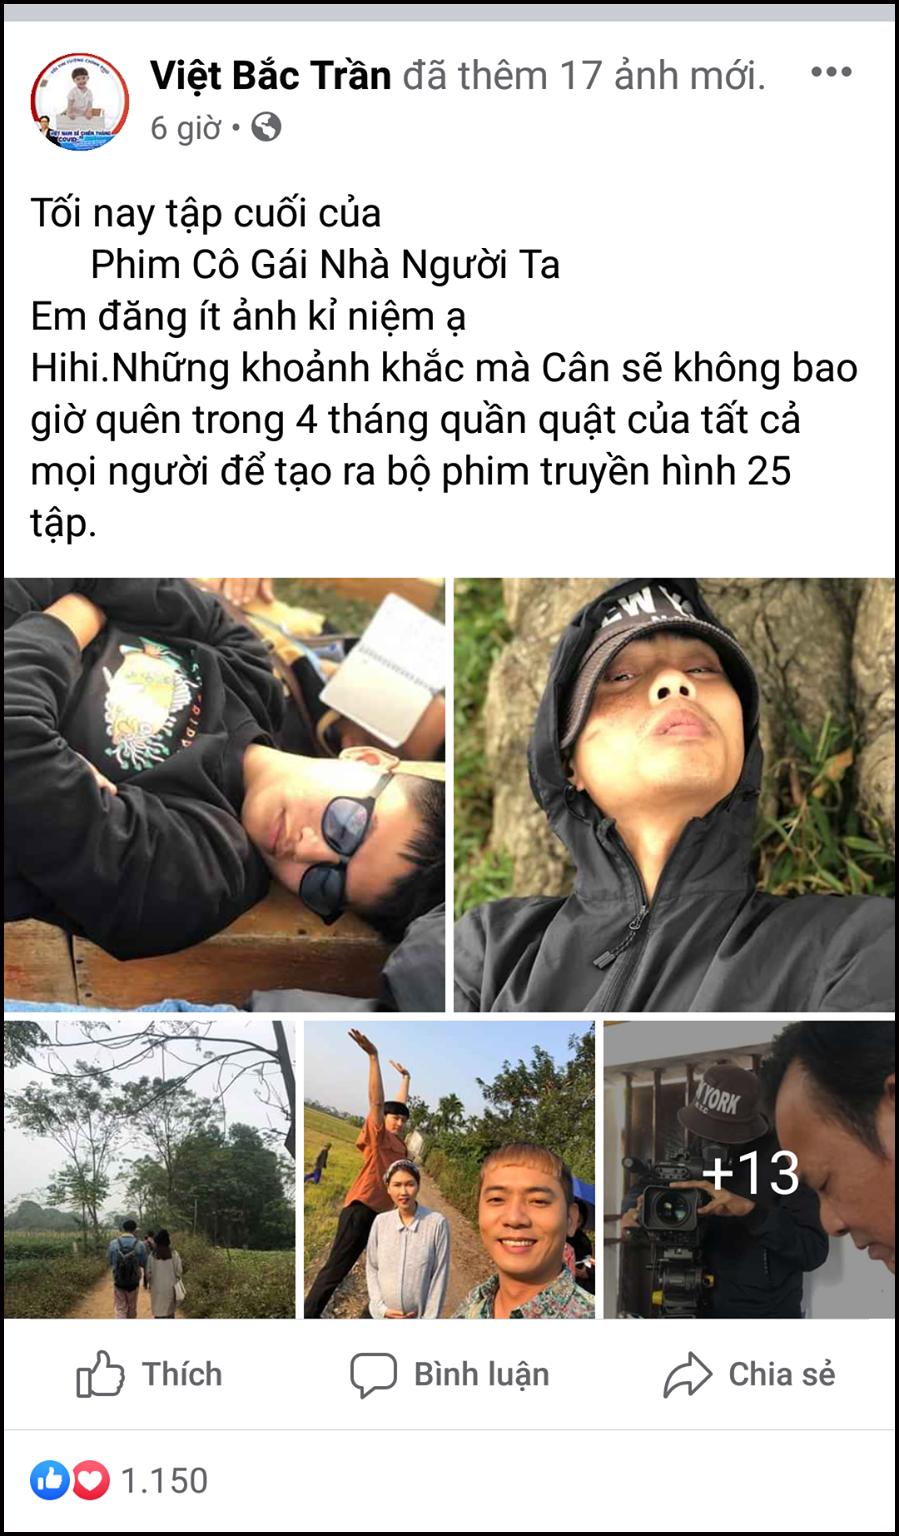 Chăm chỉ đăng tải hình ảnh về phim ắt hẳn là Việt Bác (vai Cân).